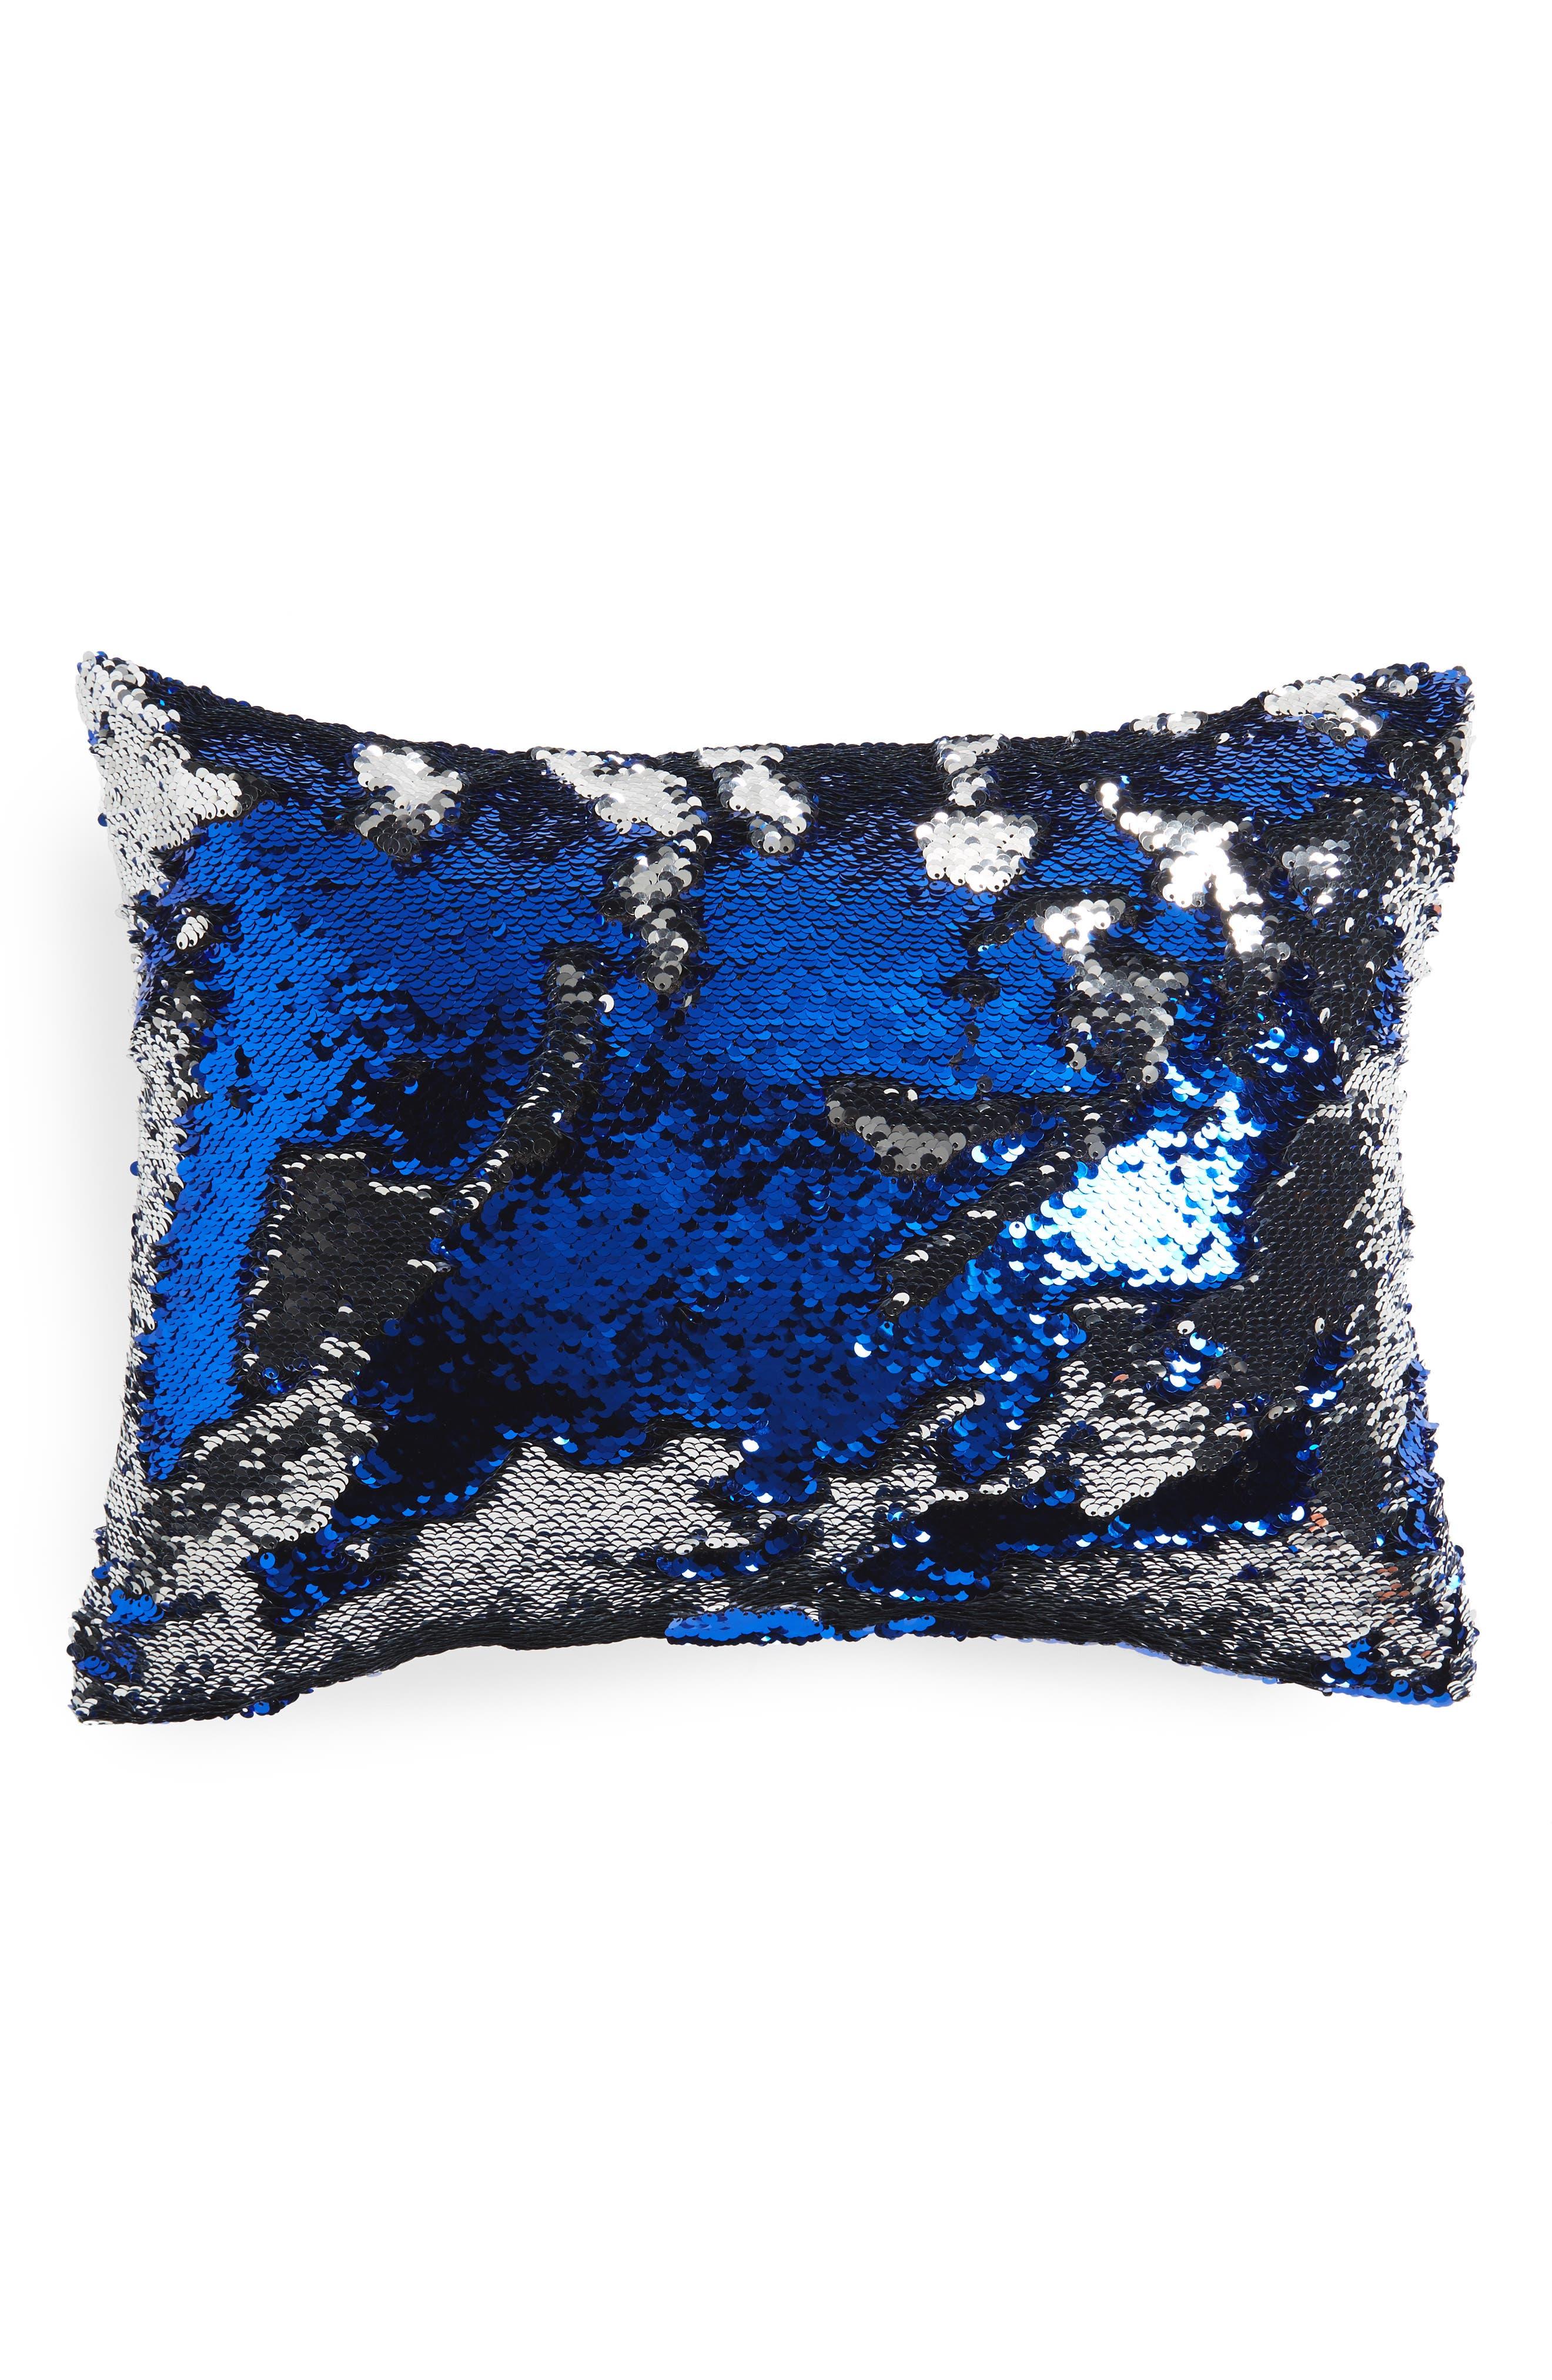 Sequin Pillow,                             Alternate thumbnail 5, color,                             400